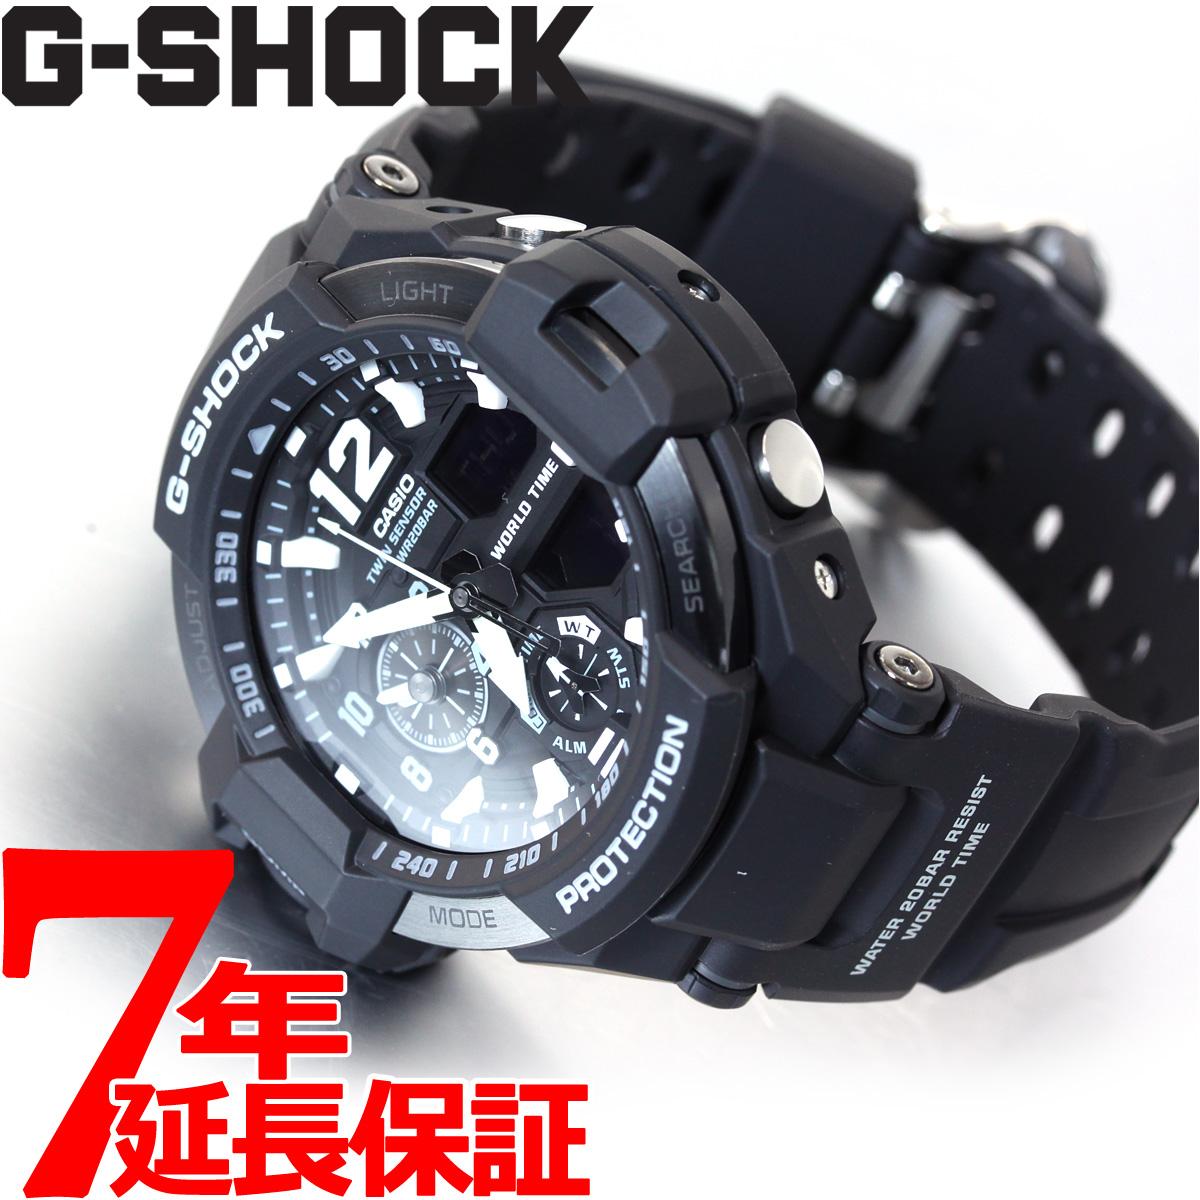 【5日0時~♪2000円OFFクーポン&店内ポイント最大51倍!5日23時59分まで】G-SHOCK ブラック カシオ Gショック スカイコックピット CASIO SKY COCKPIT 腕時計 メンズ アナデジ GA-1100-1AJF